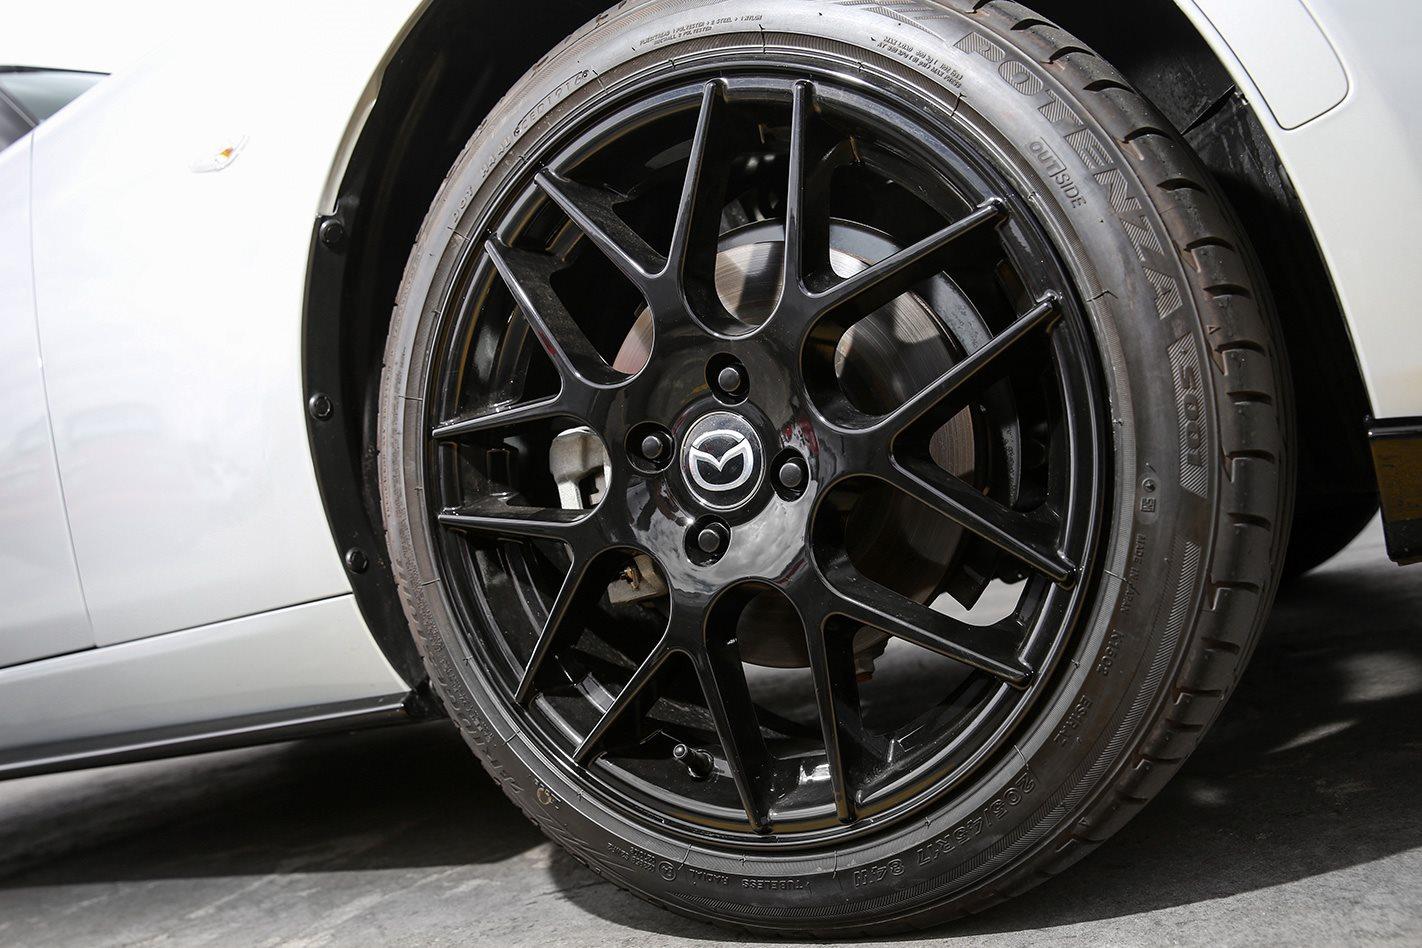 2017 Mazda MX-5 wheel